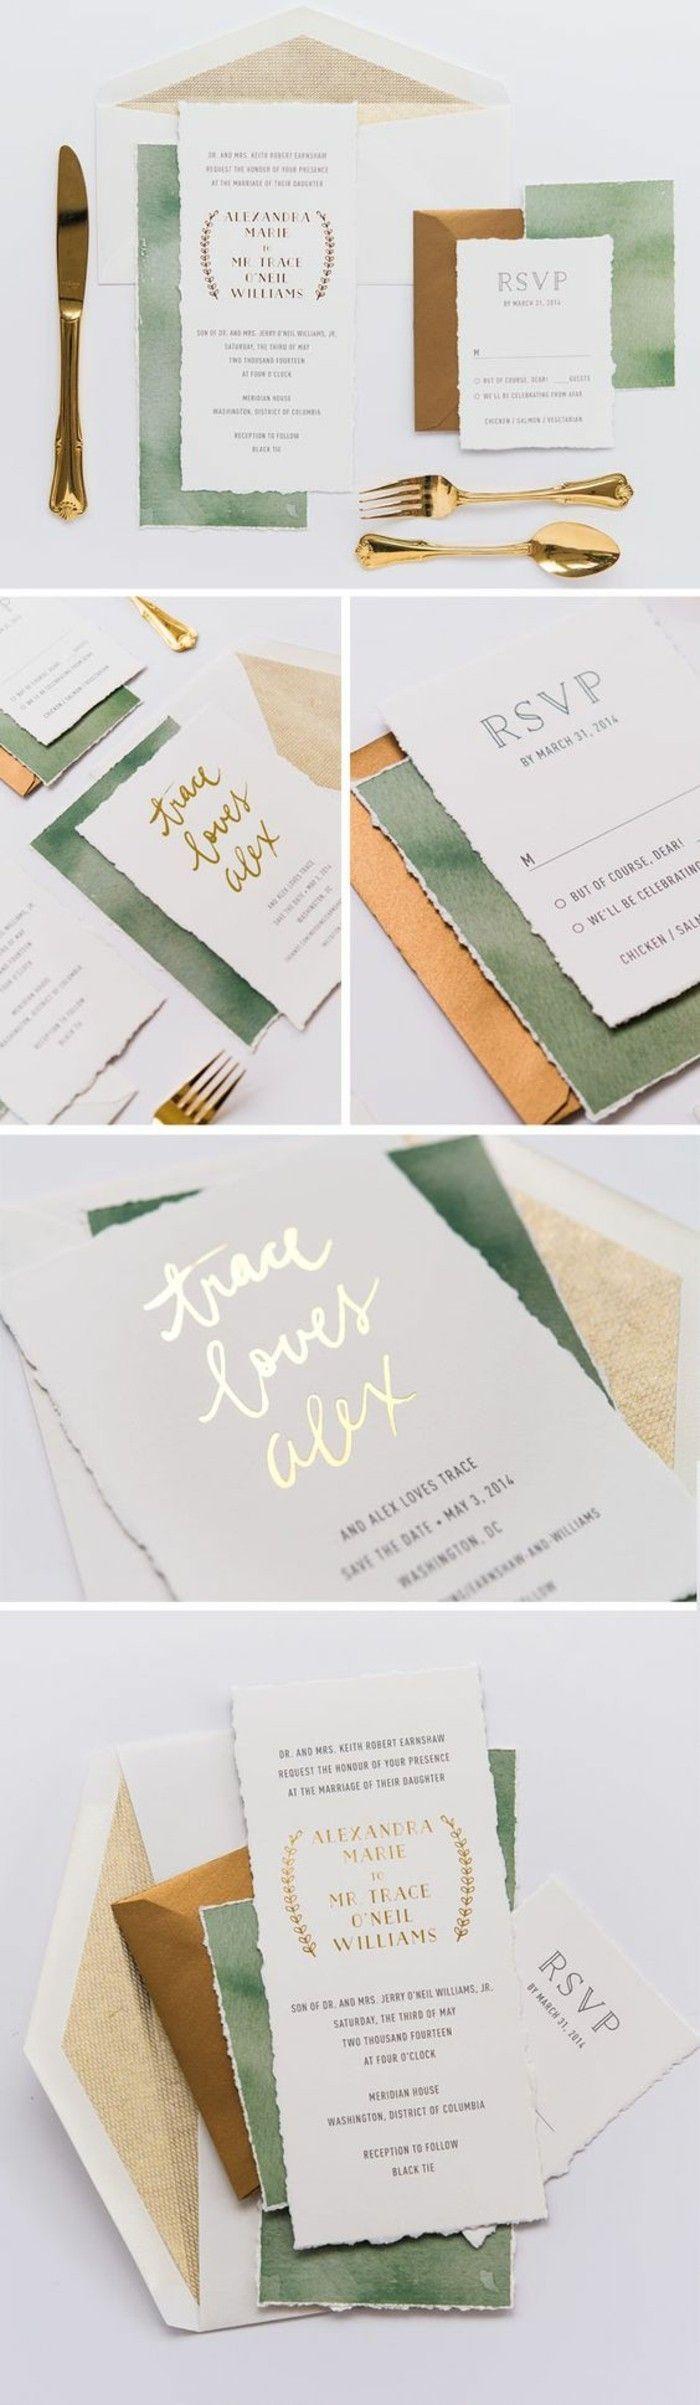 Typography  faire-part mariage classy carte d'invitation mariage en blanc beige doré